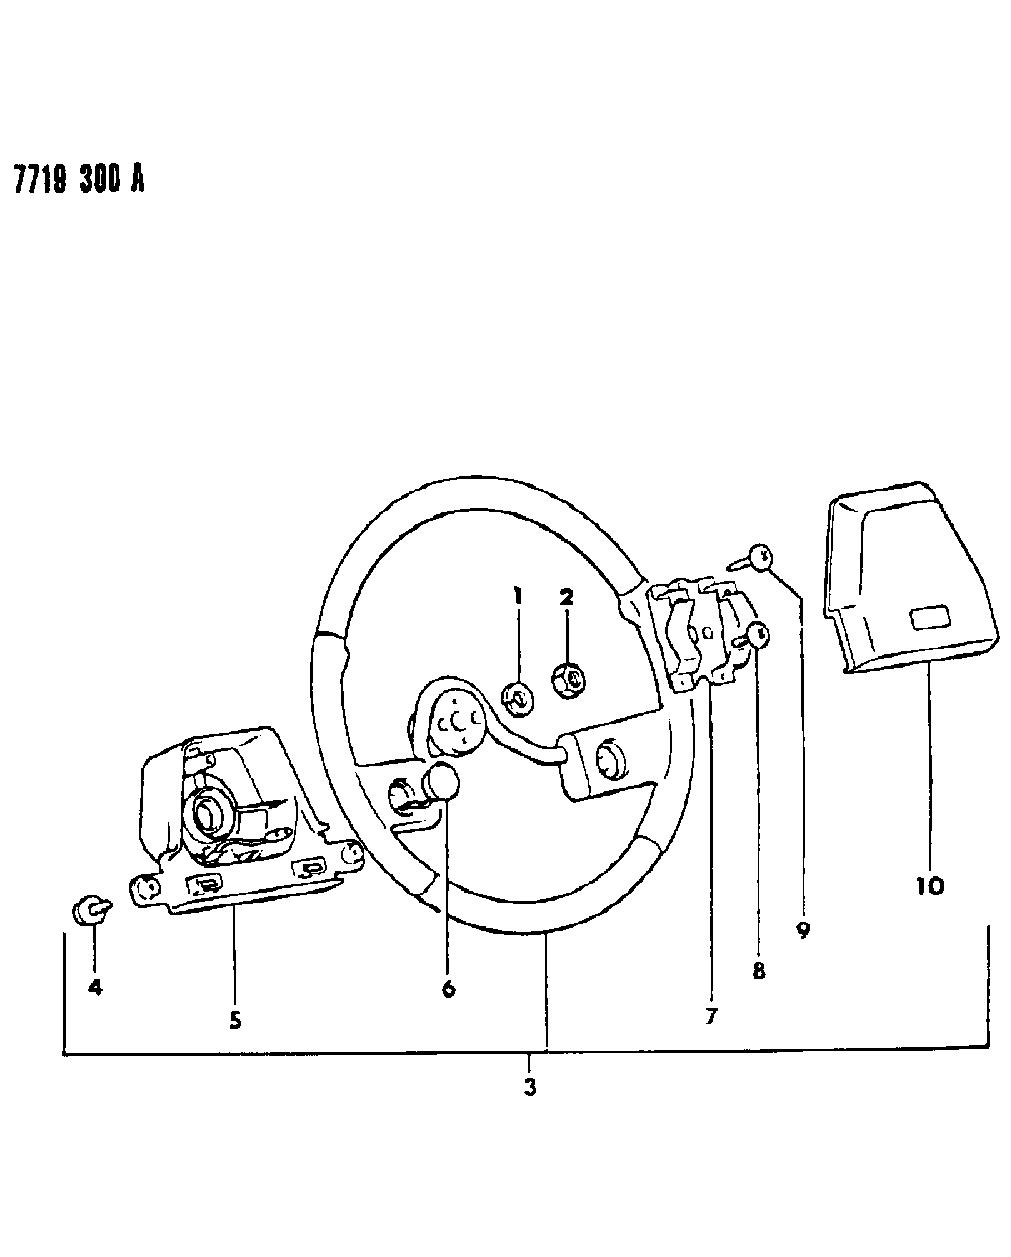 1988 Dodge Raider Steering Wheel - Mopar Parts Giant